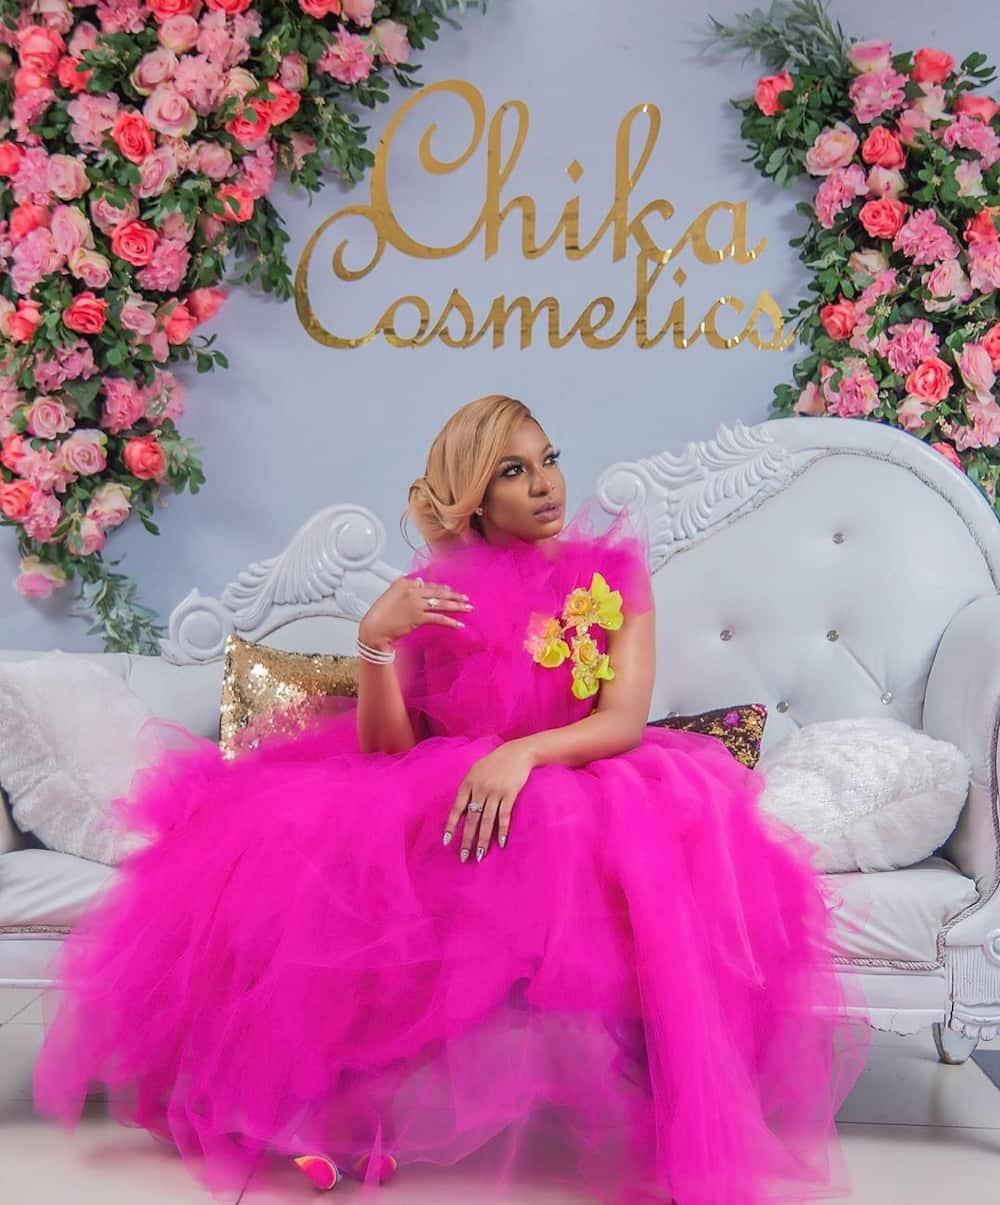 Chika Ike